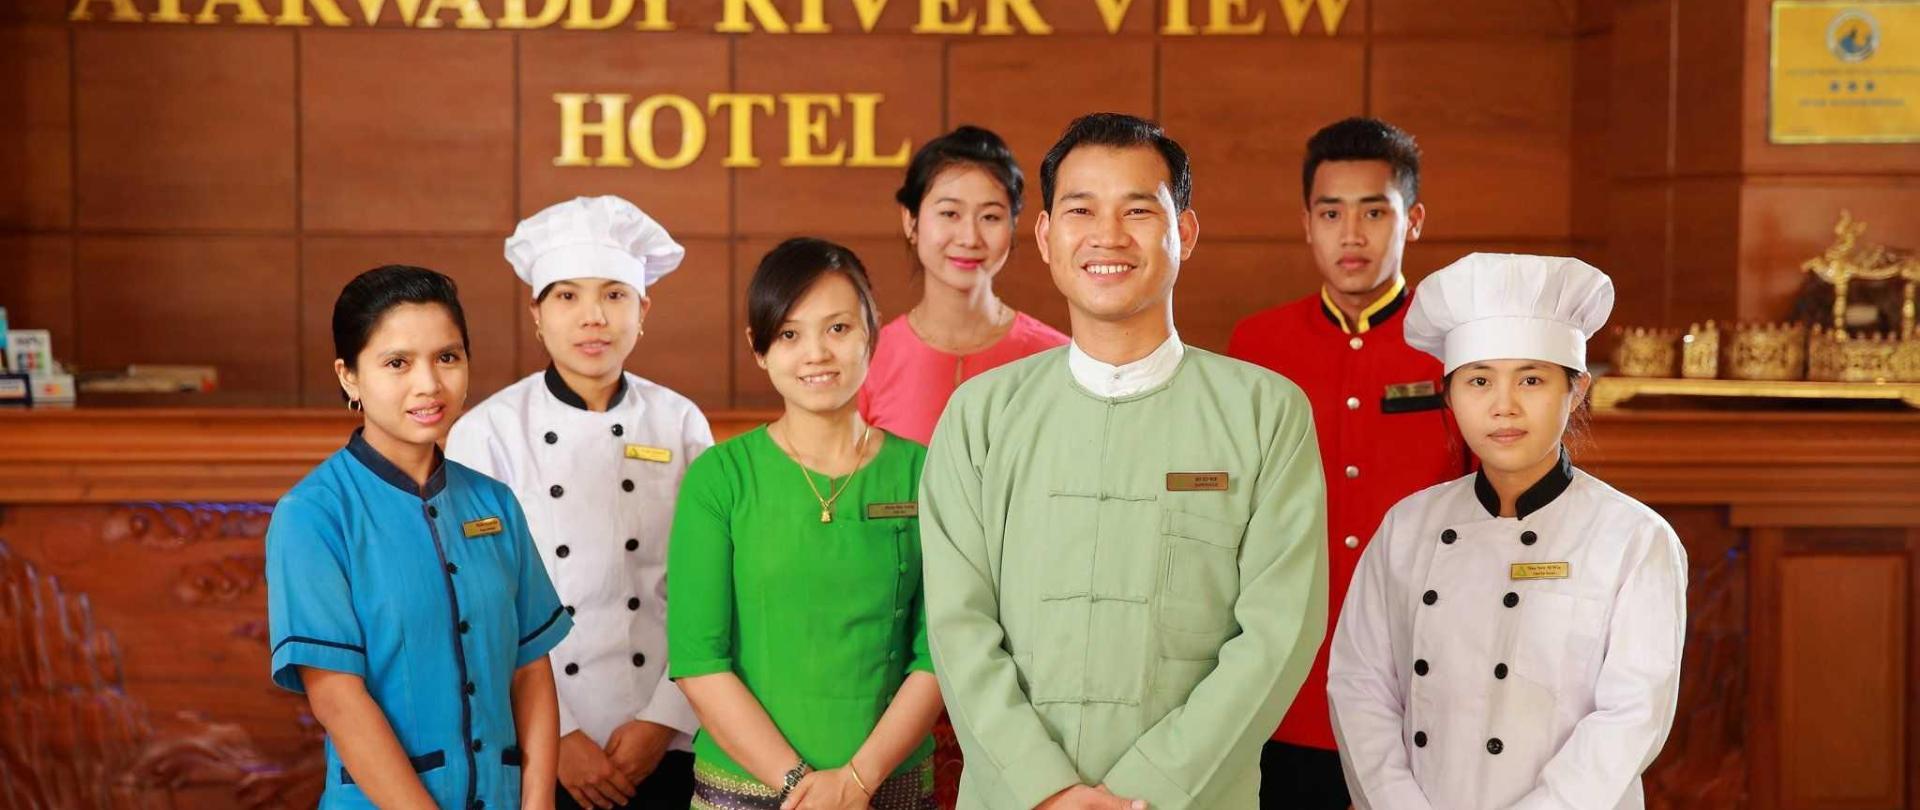 aywd-โรงแรม MDY-71-1.JPG